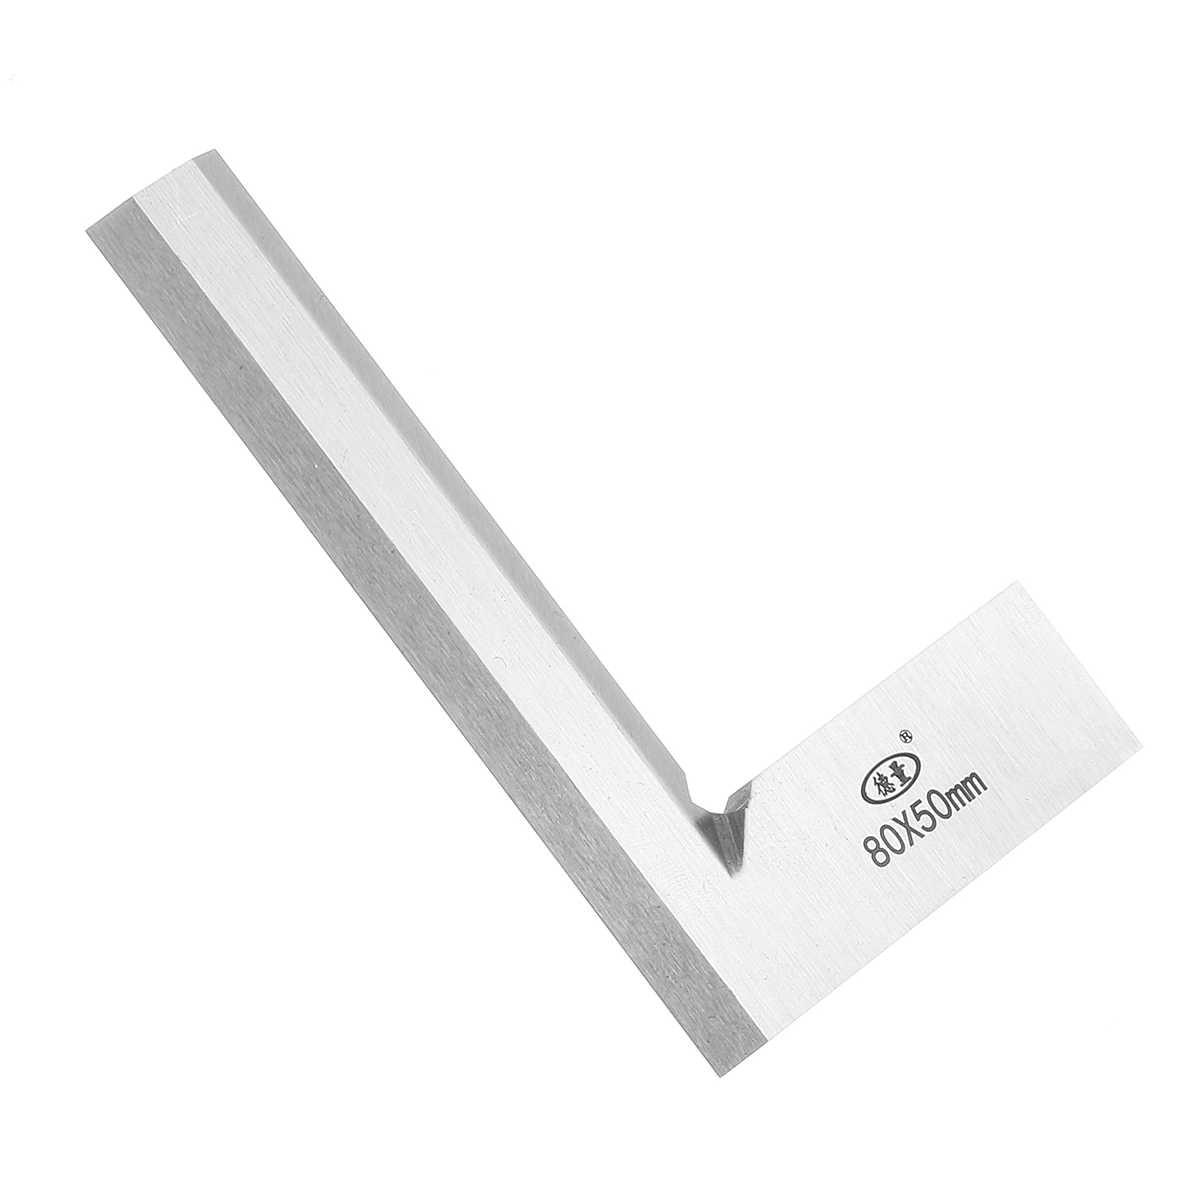 Machinist precyzja krawędzi noża kwadratowa linijka 90 stopni linijka kątowa inżynier narzędzie pomiarowe 63x40/80x50/100x63/125x80mm